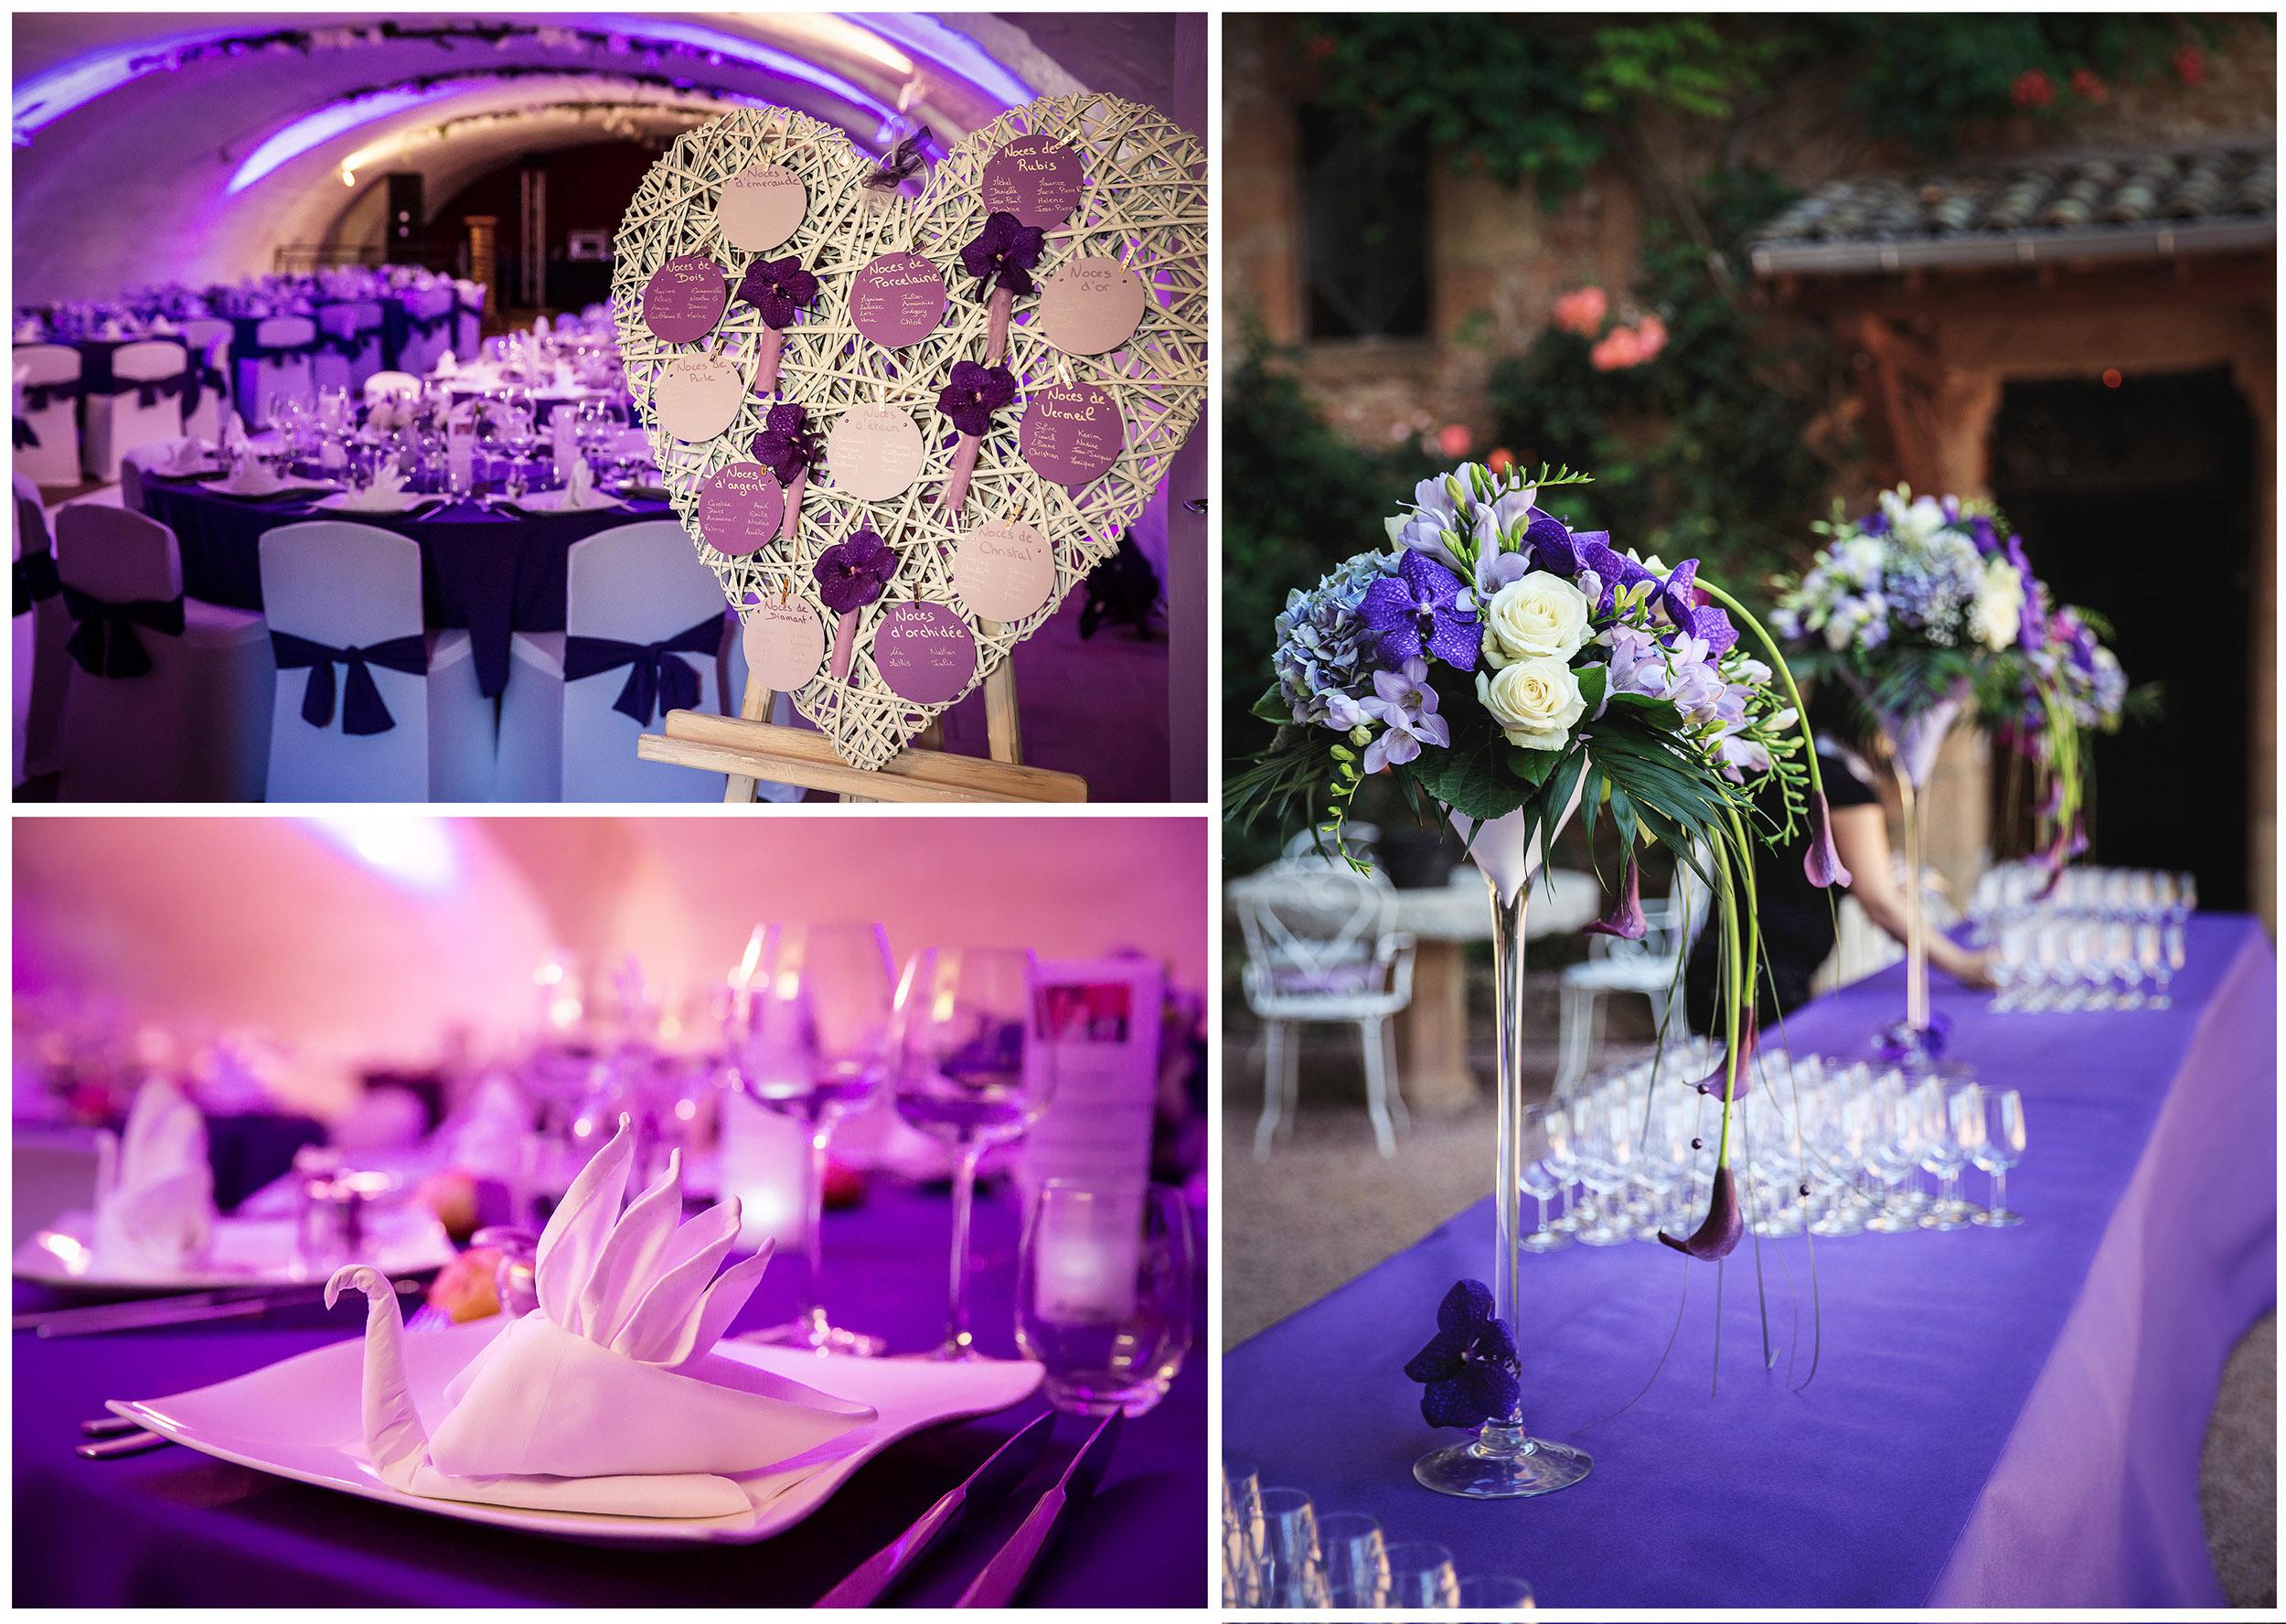 décoration mariage - romantique